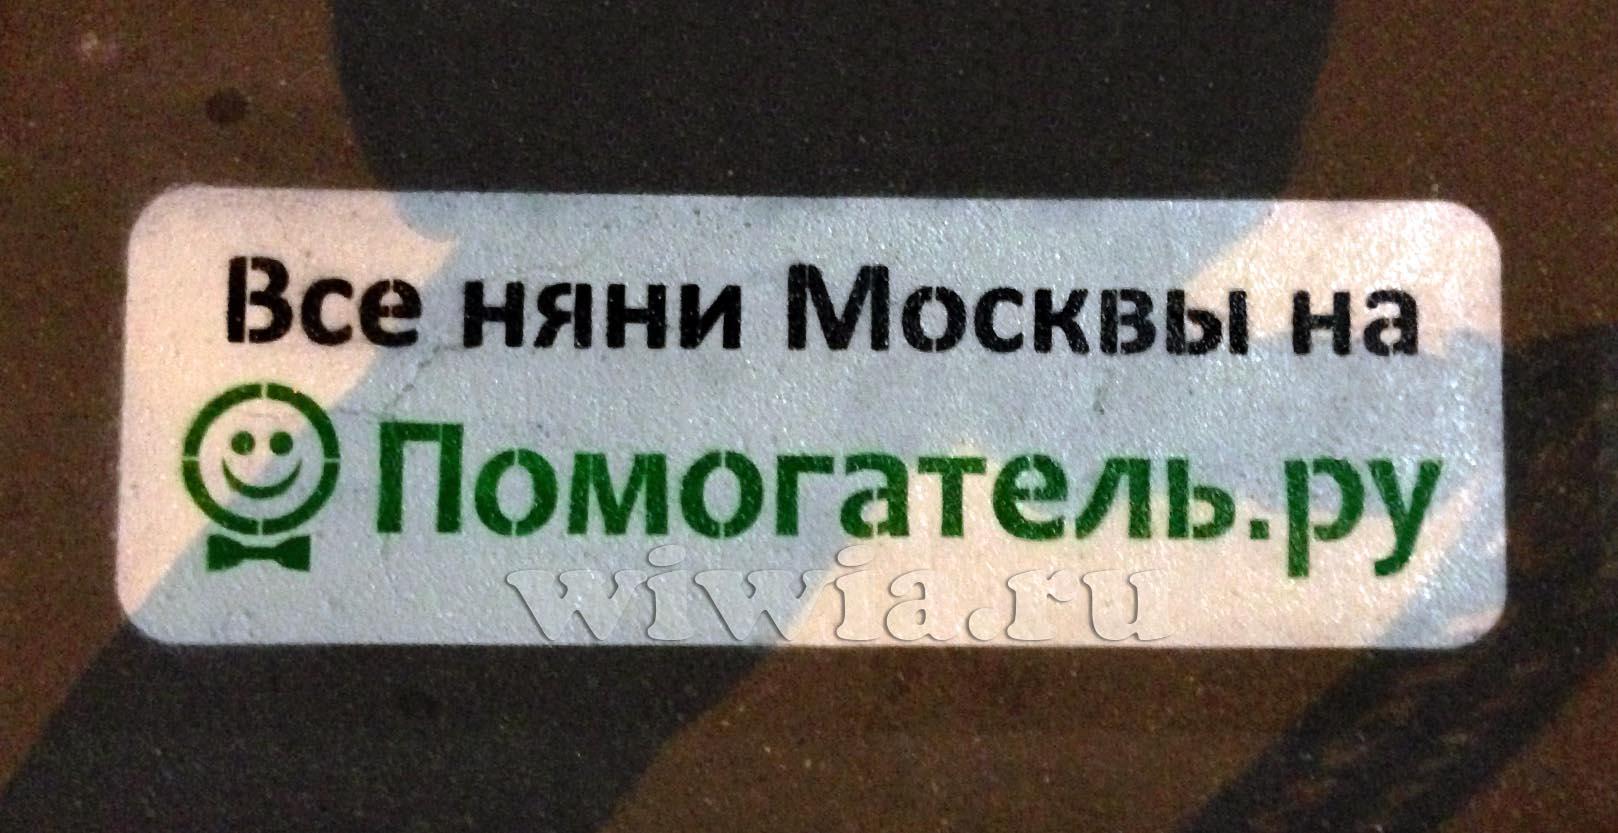 Принты на асфальте для Помогатель.ру